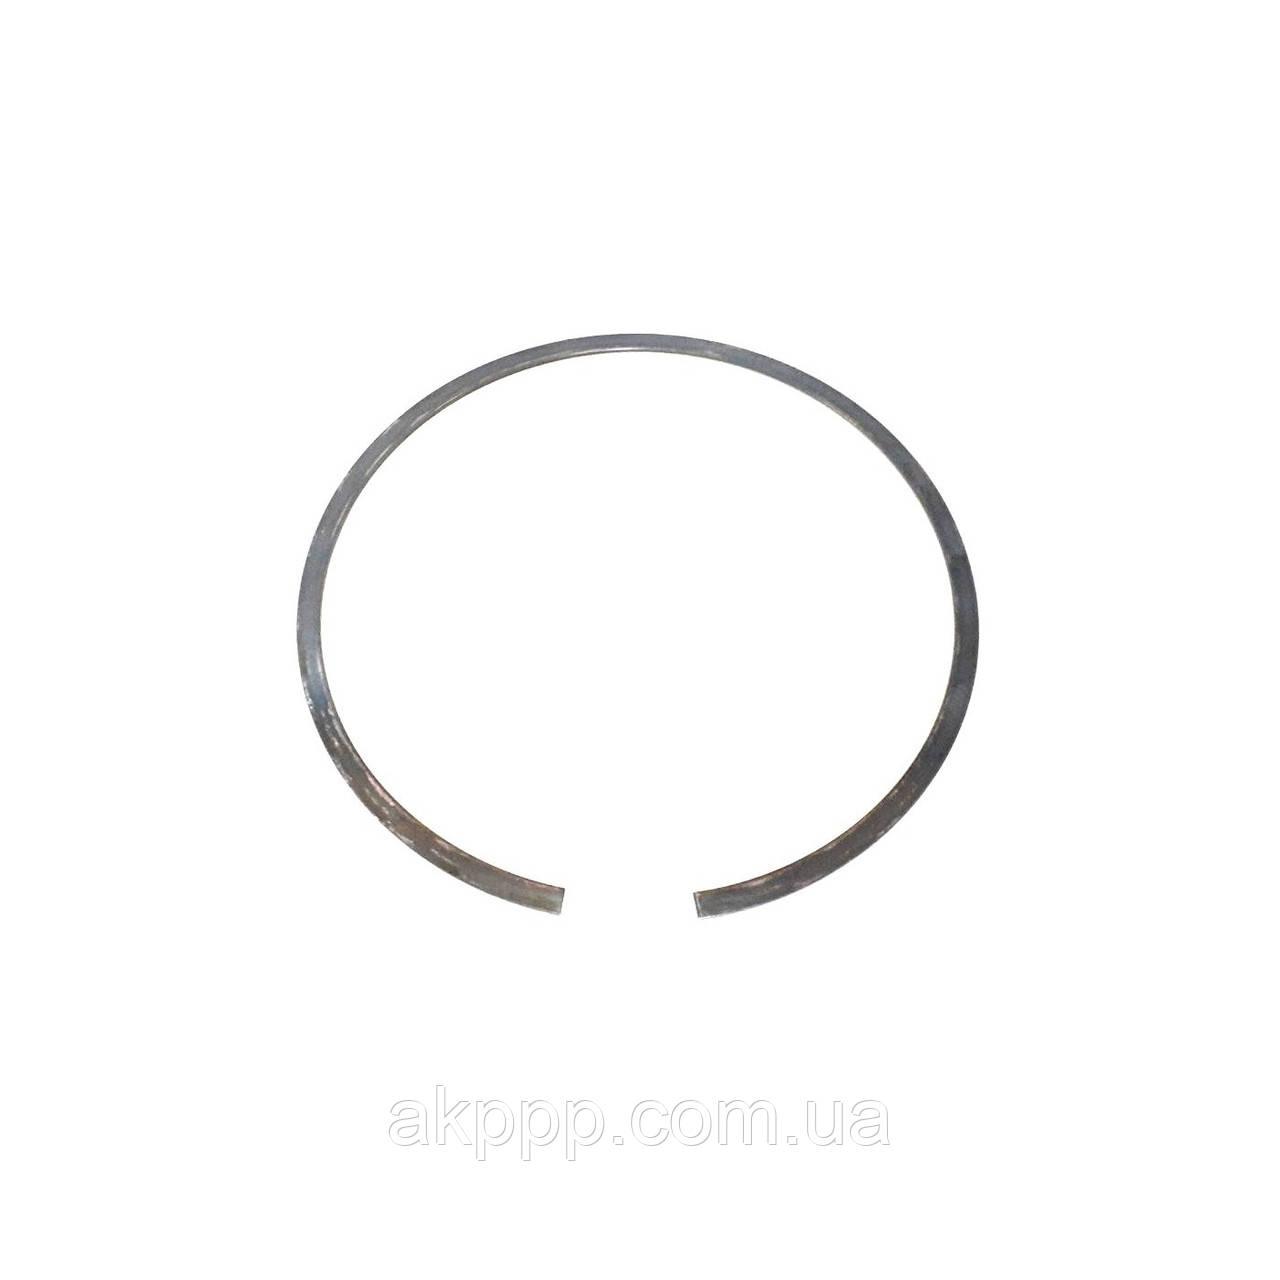 Cтопорные кольца U760E Стопорное кольцо В2 б/у